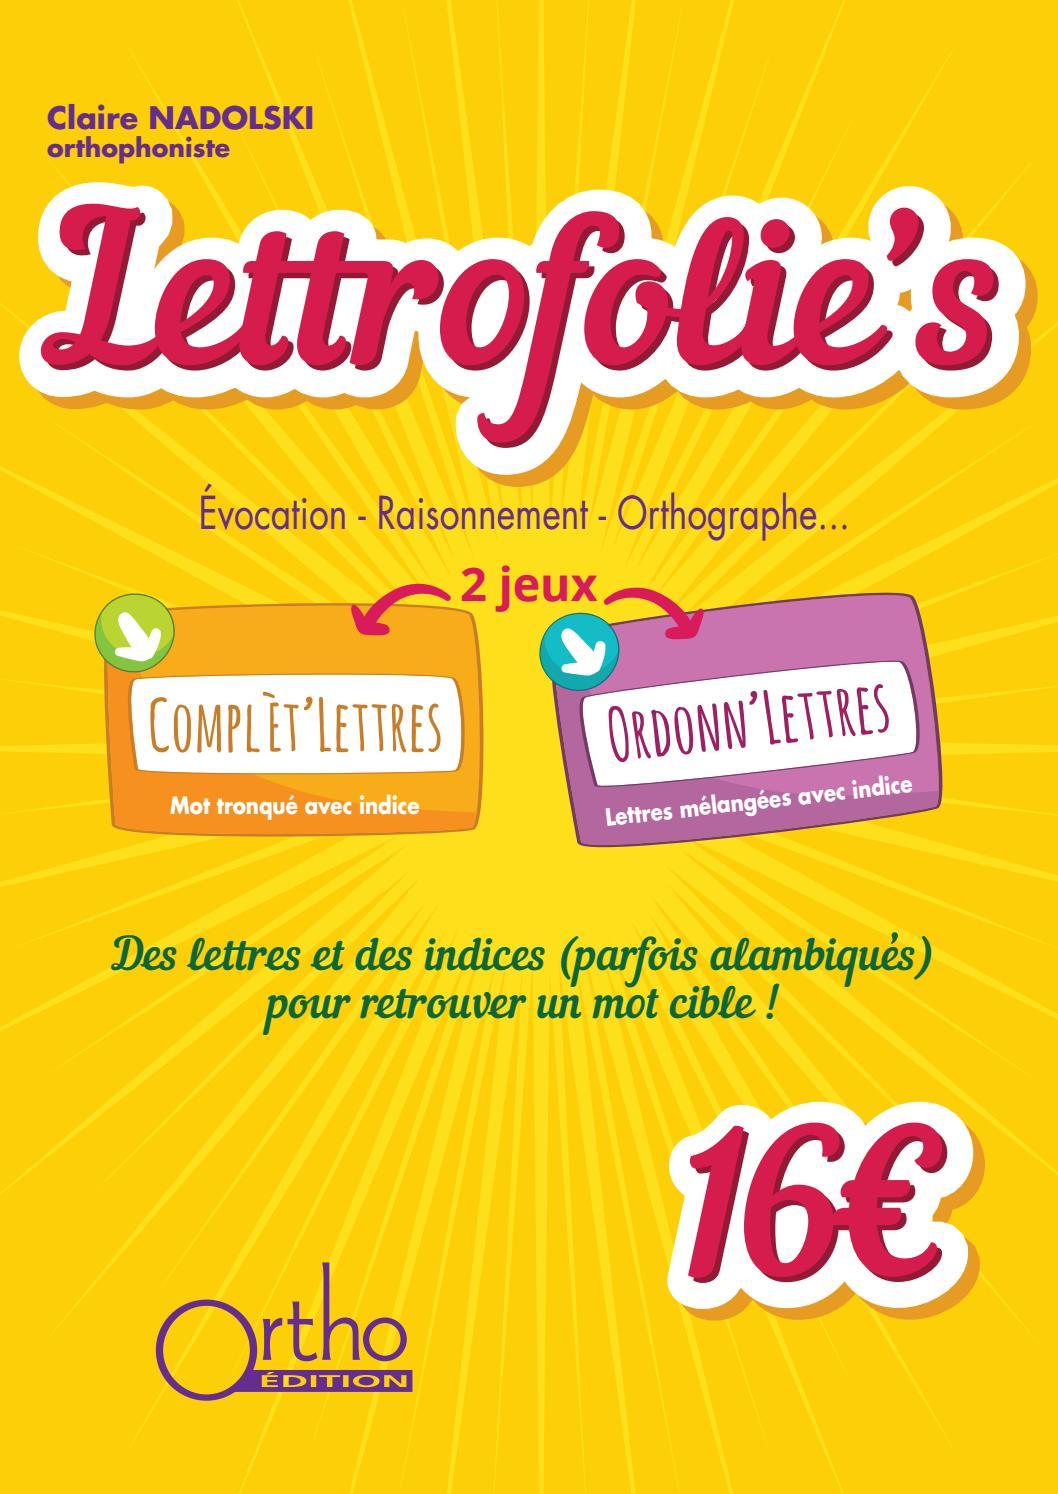 Lettrofolie's By Ortho Edition - Issuu destiné Mot Avec Lettres Mélangées